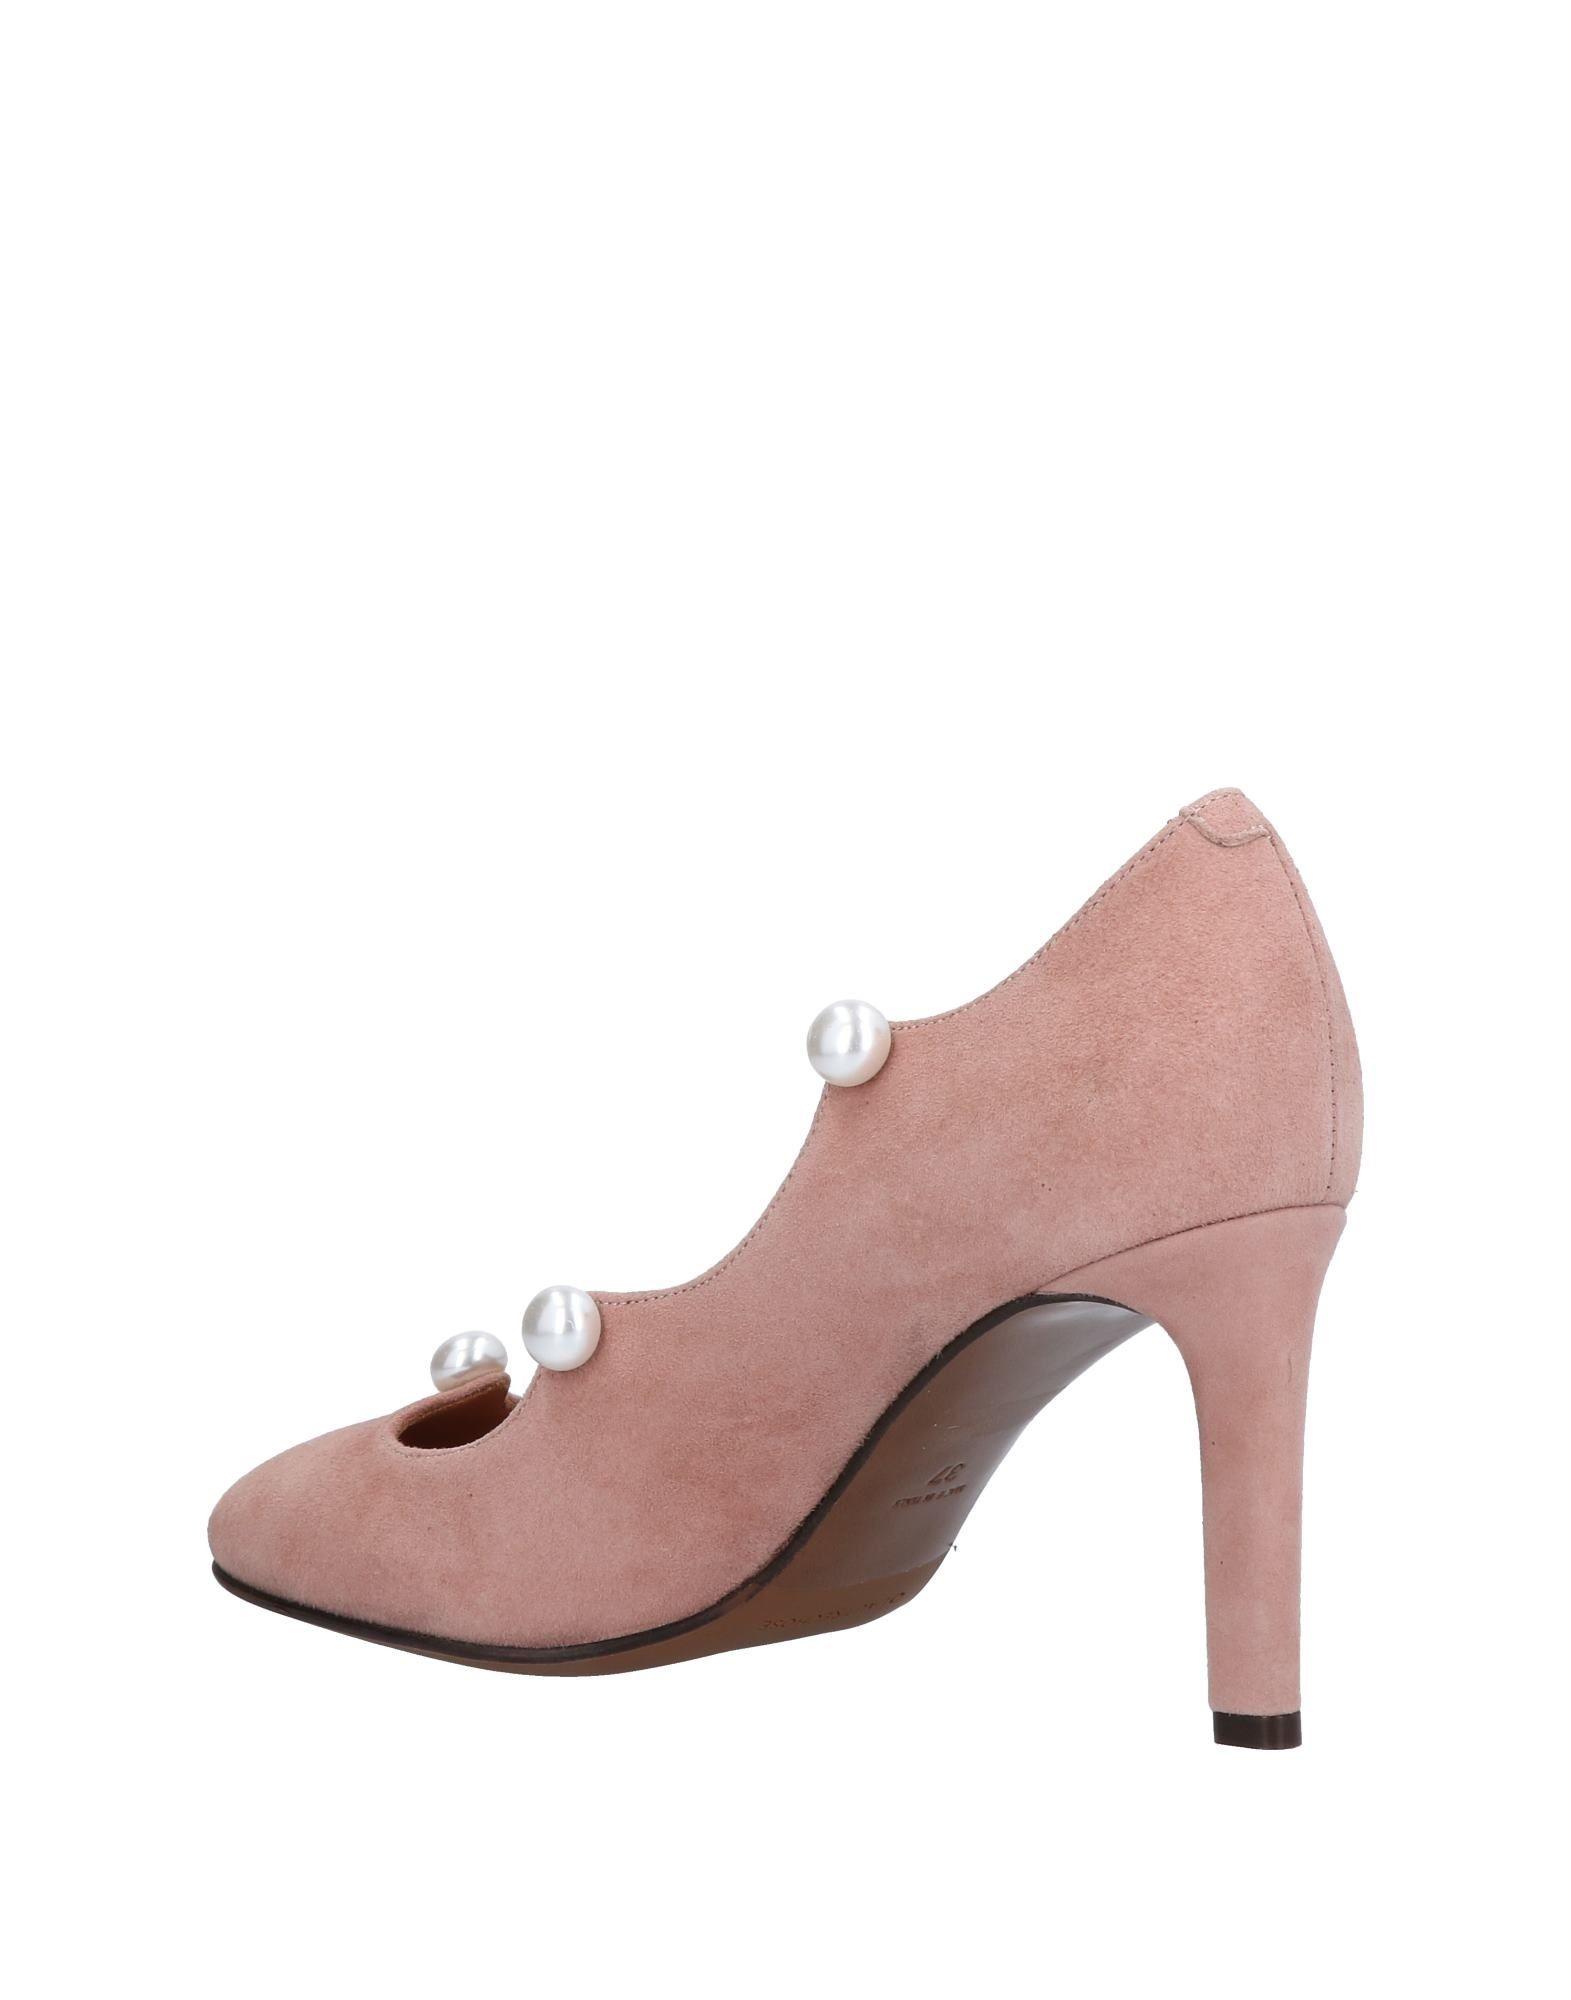 Stilvolle billige Pumps Schuhe L' Autre Chose Pumps billige Damen  11487454VC 5fc8ea